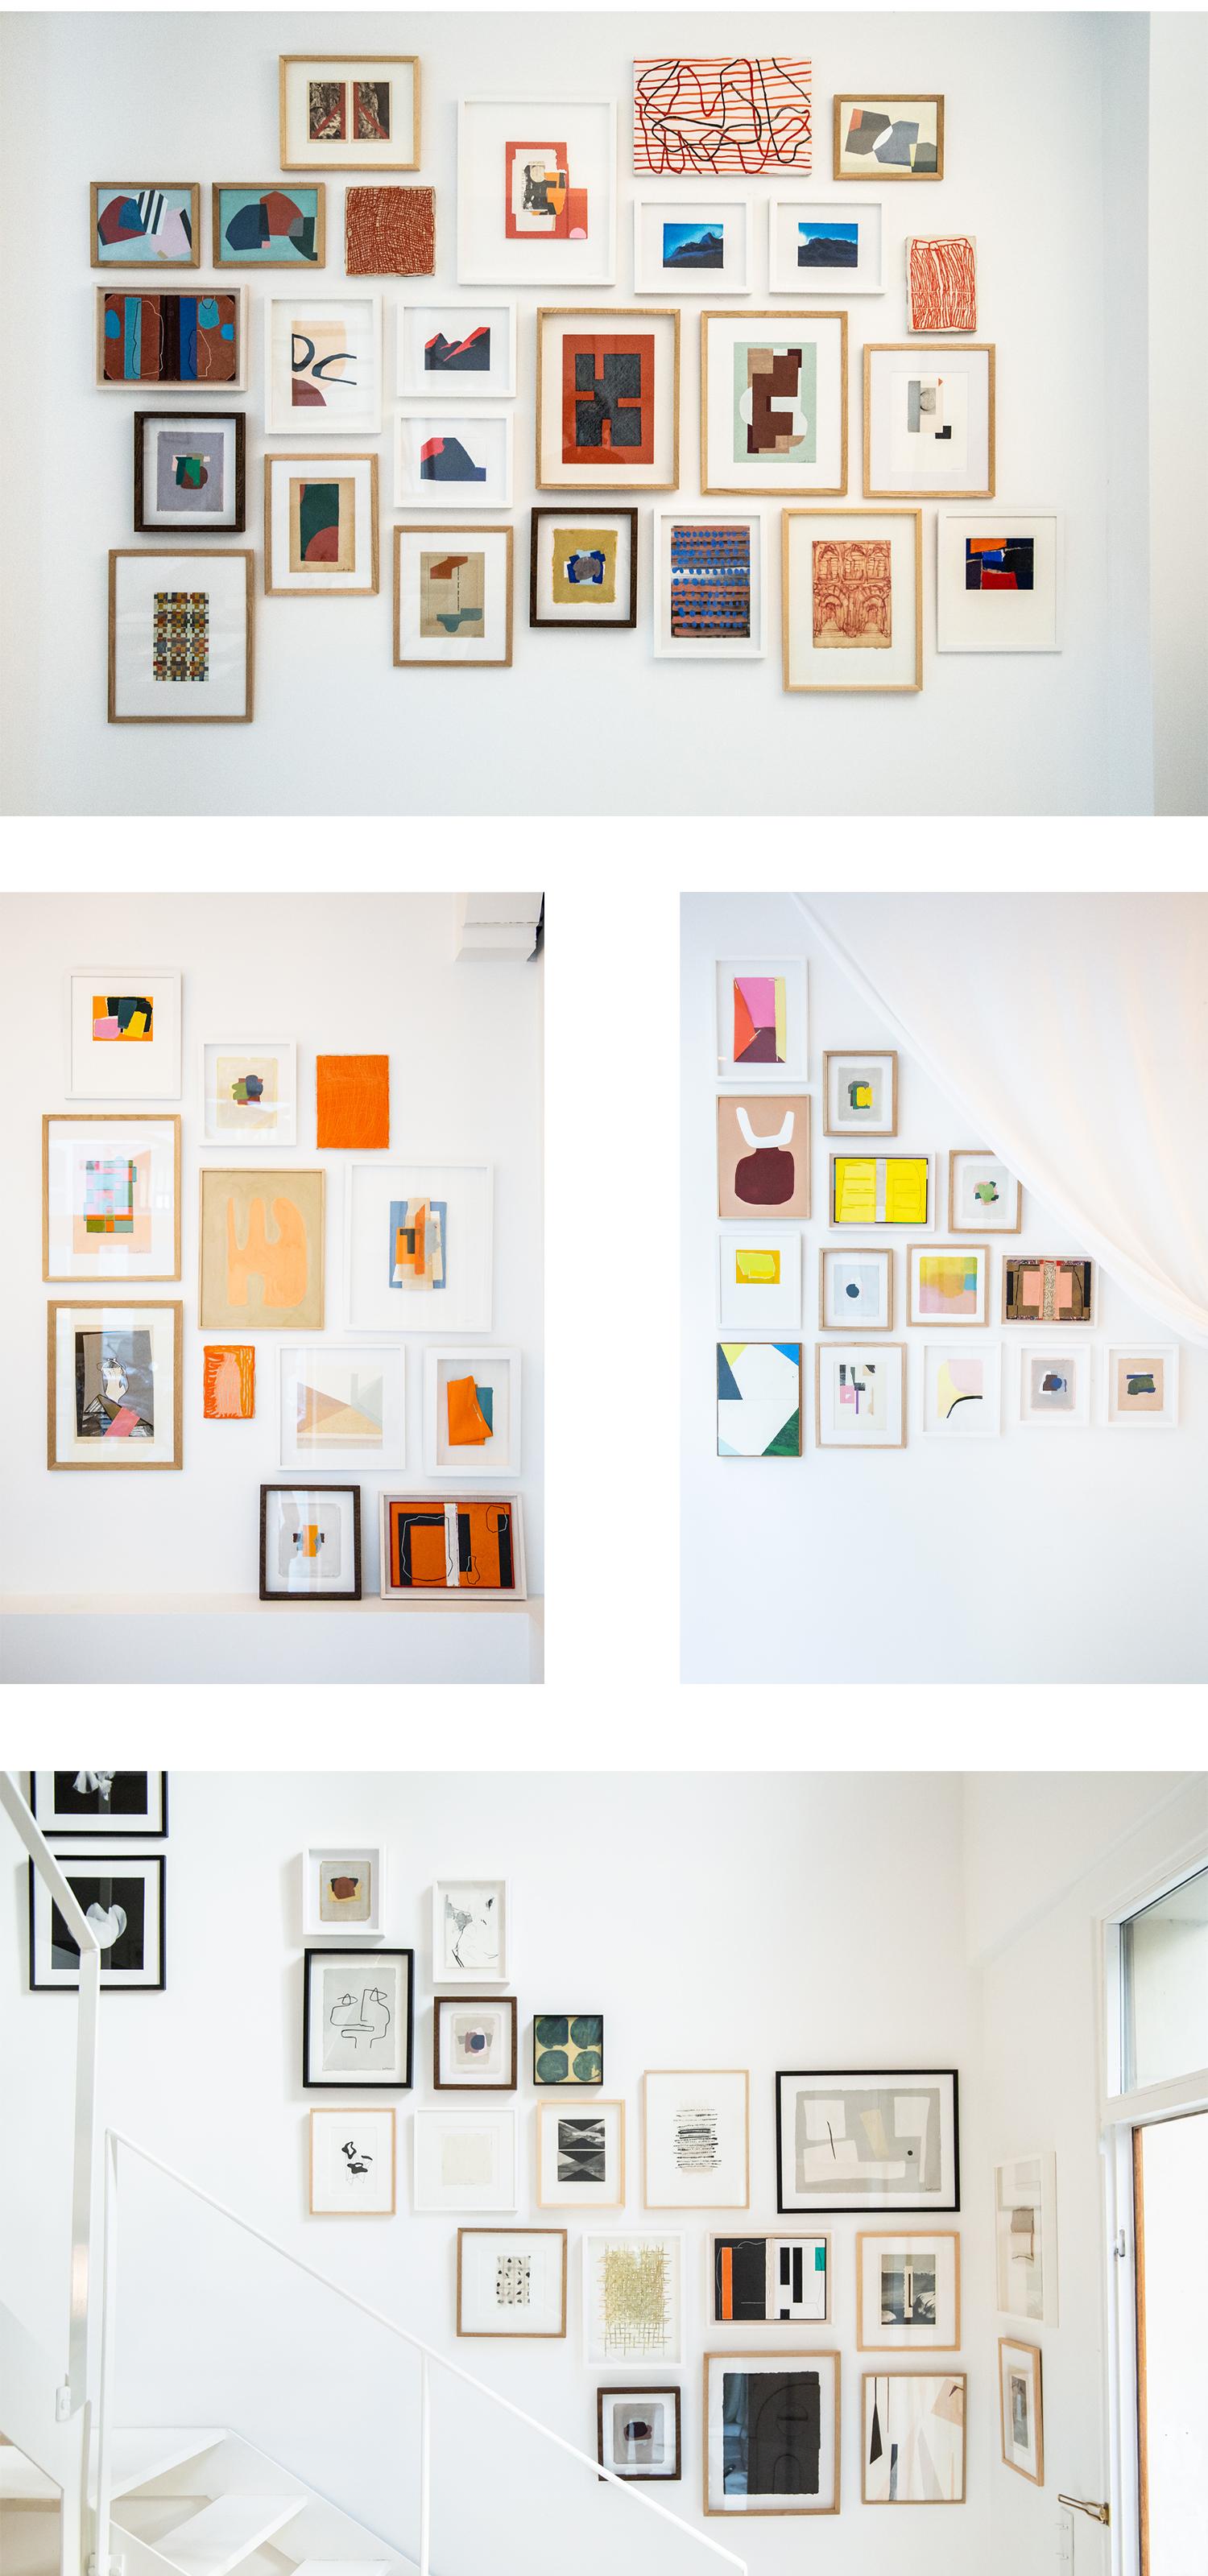 galerie d 39 art contemporain en ligne am lie galerie d 39 aujourd 39 hui. Black Bedroom Furniture Sets. Home Design Ideas